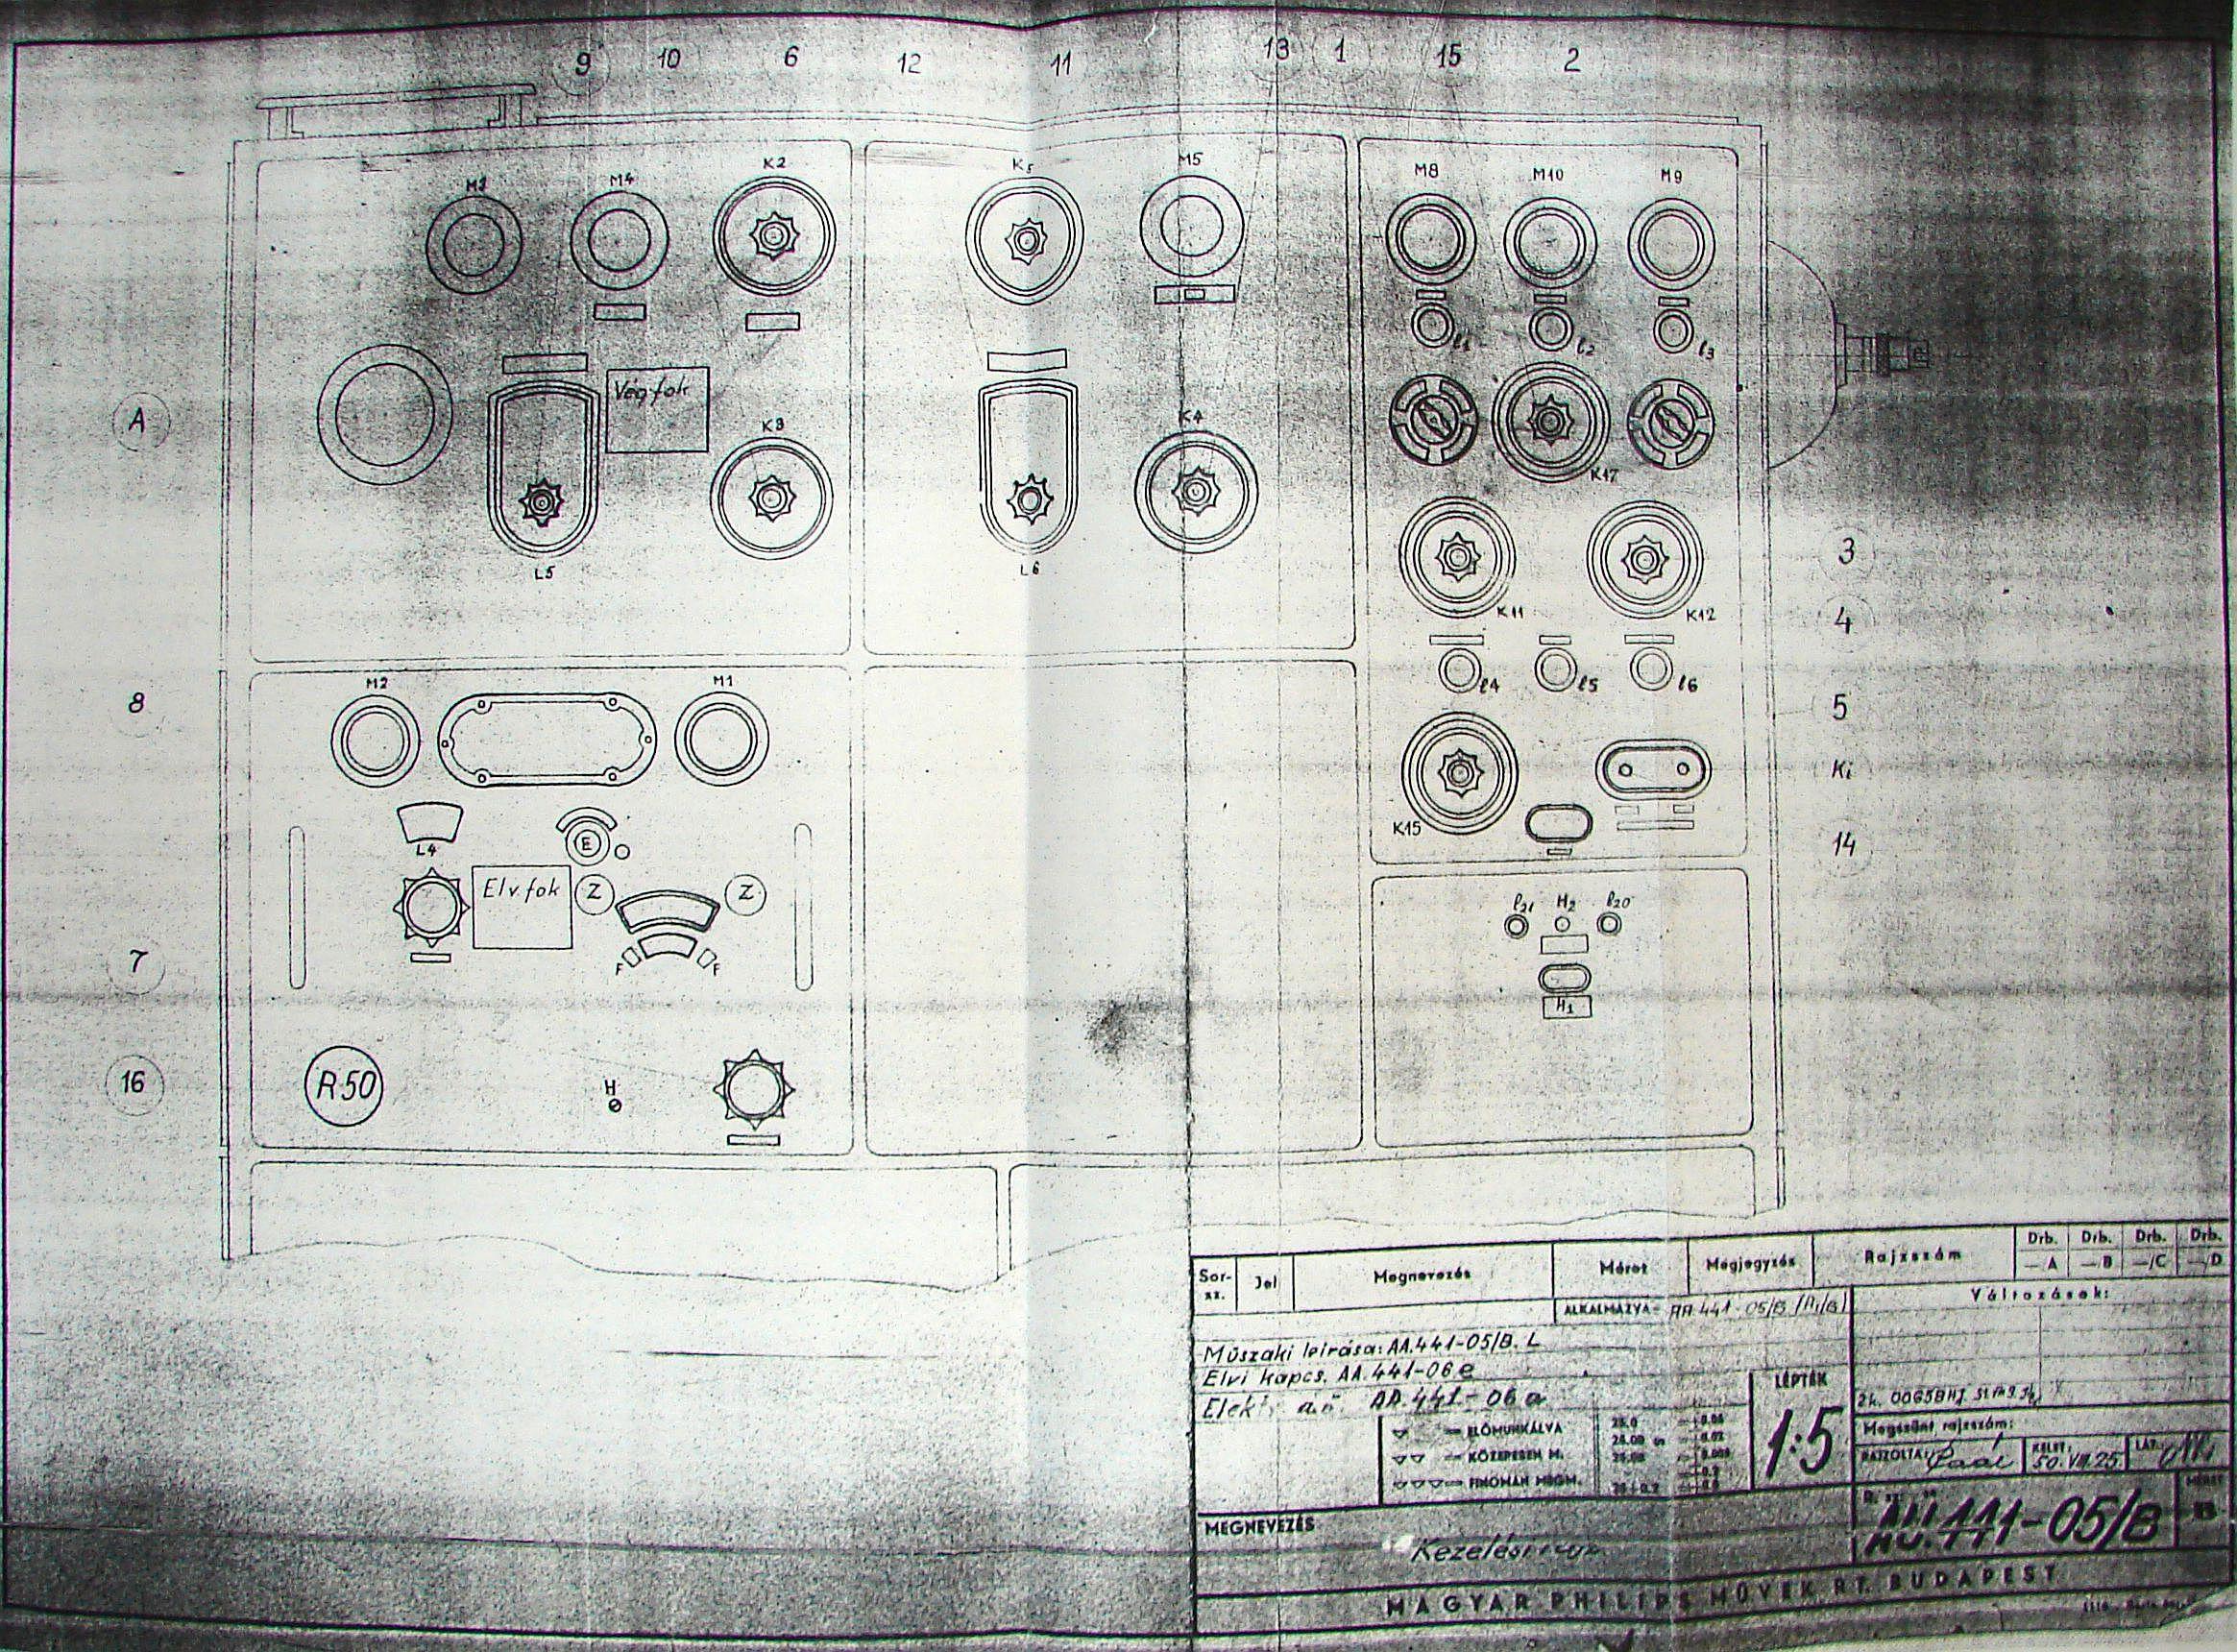 R-50 fiók egységek elhelyezése.